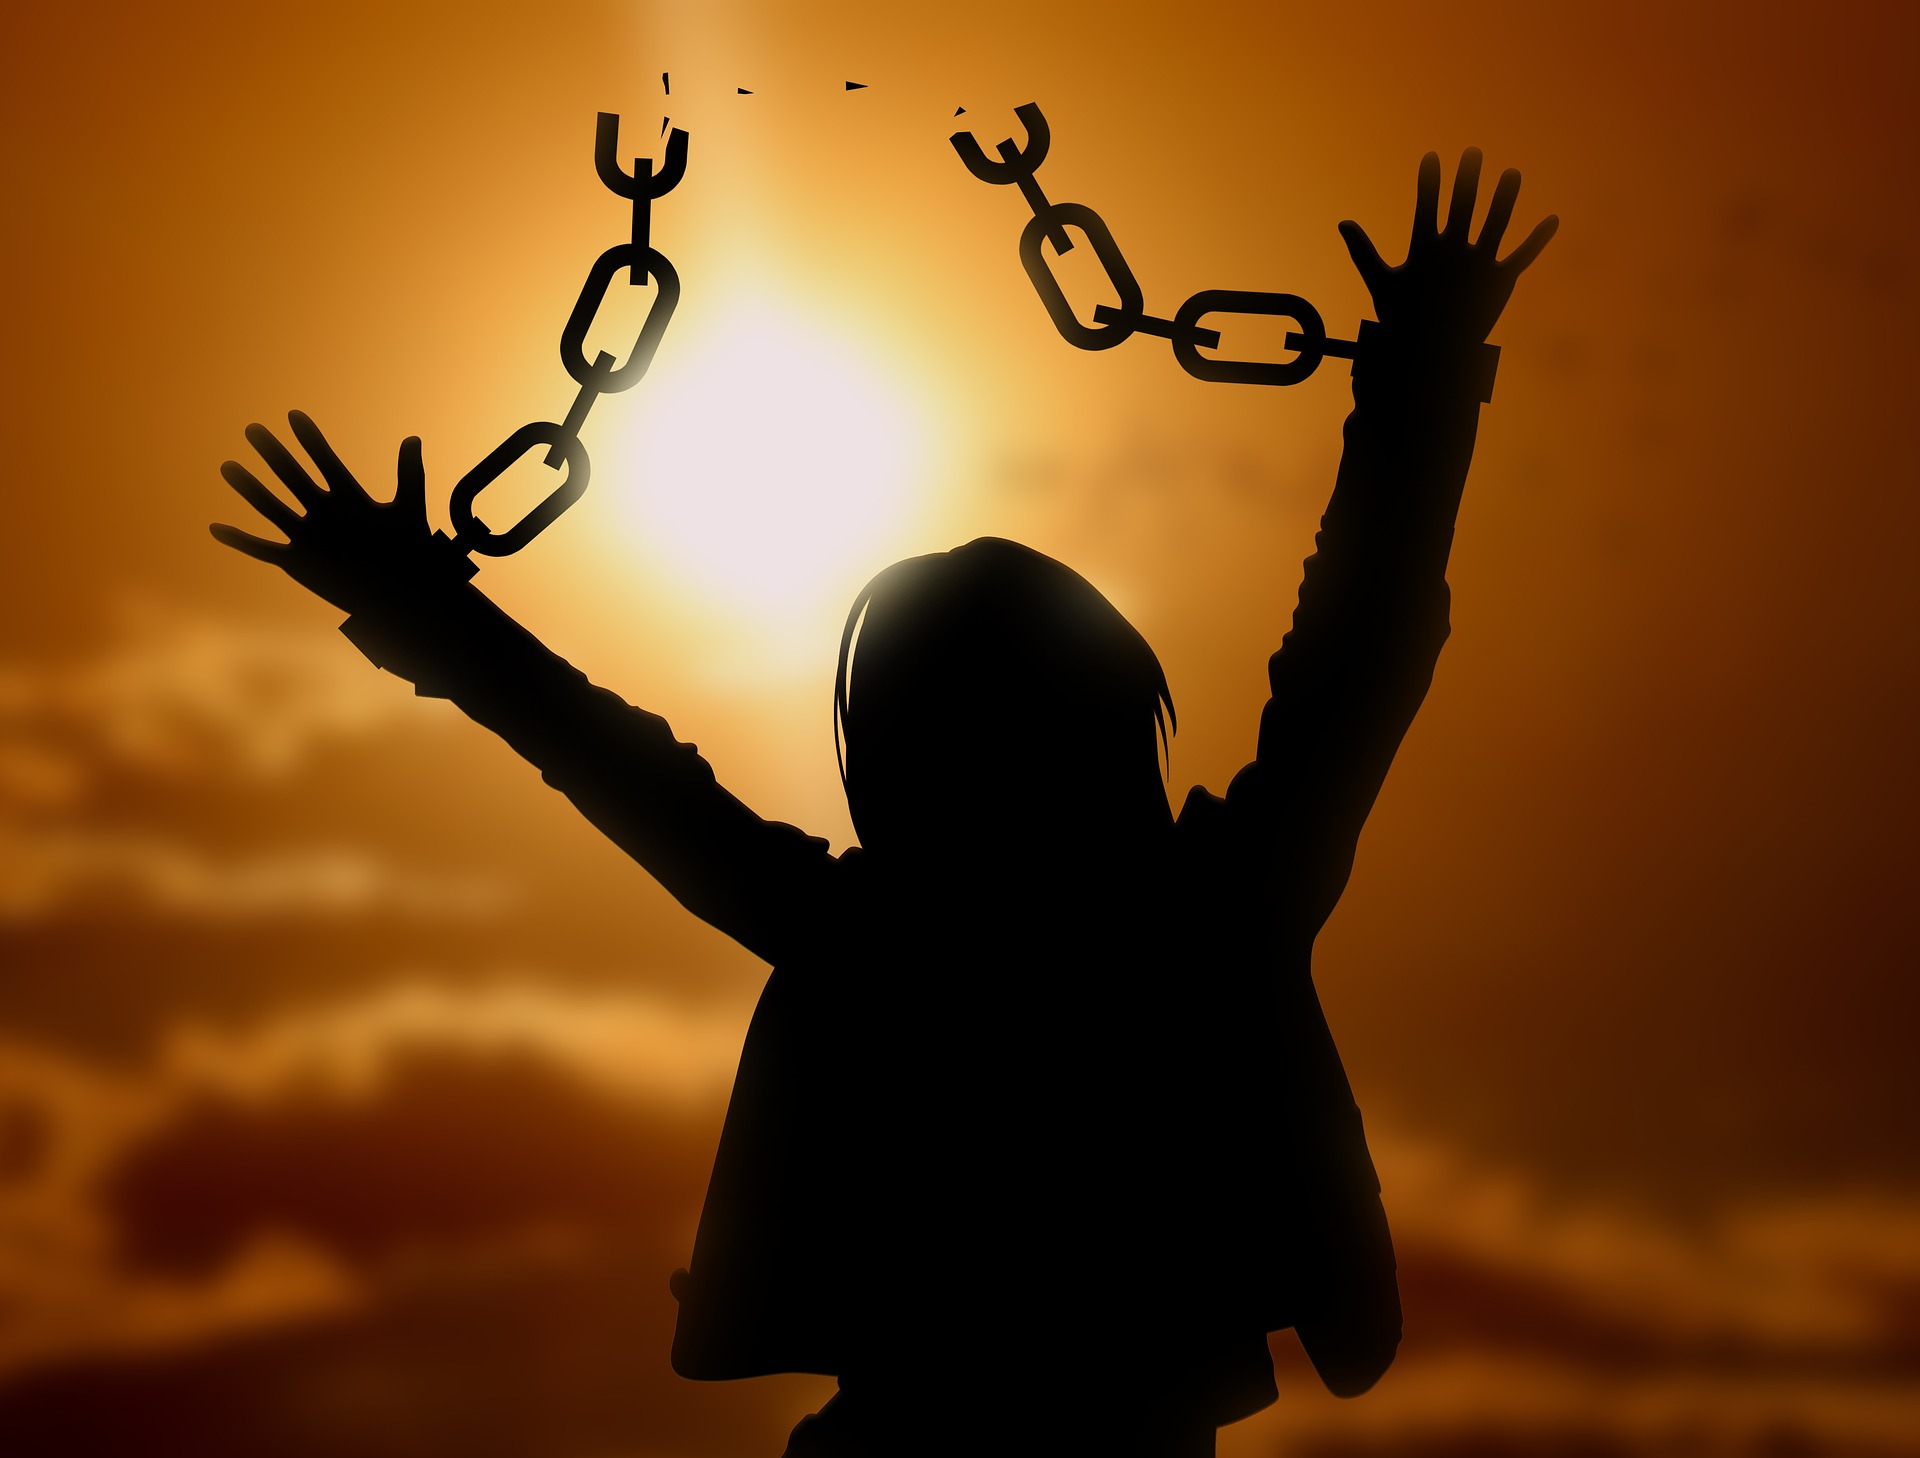 femme chaine brisée liberté